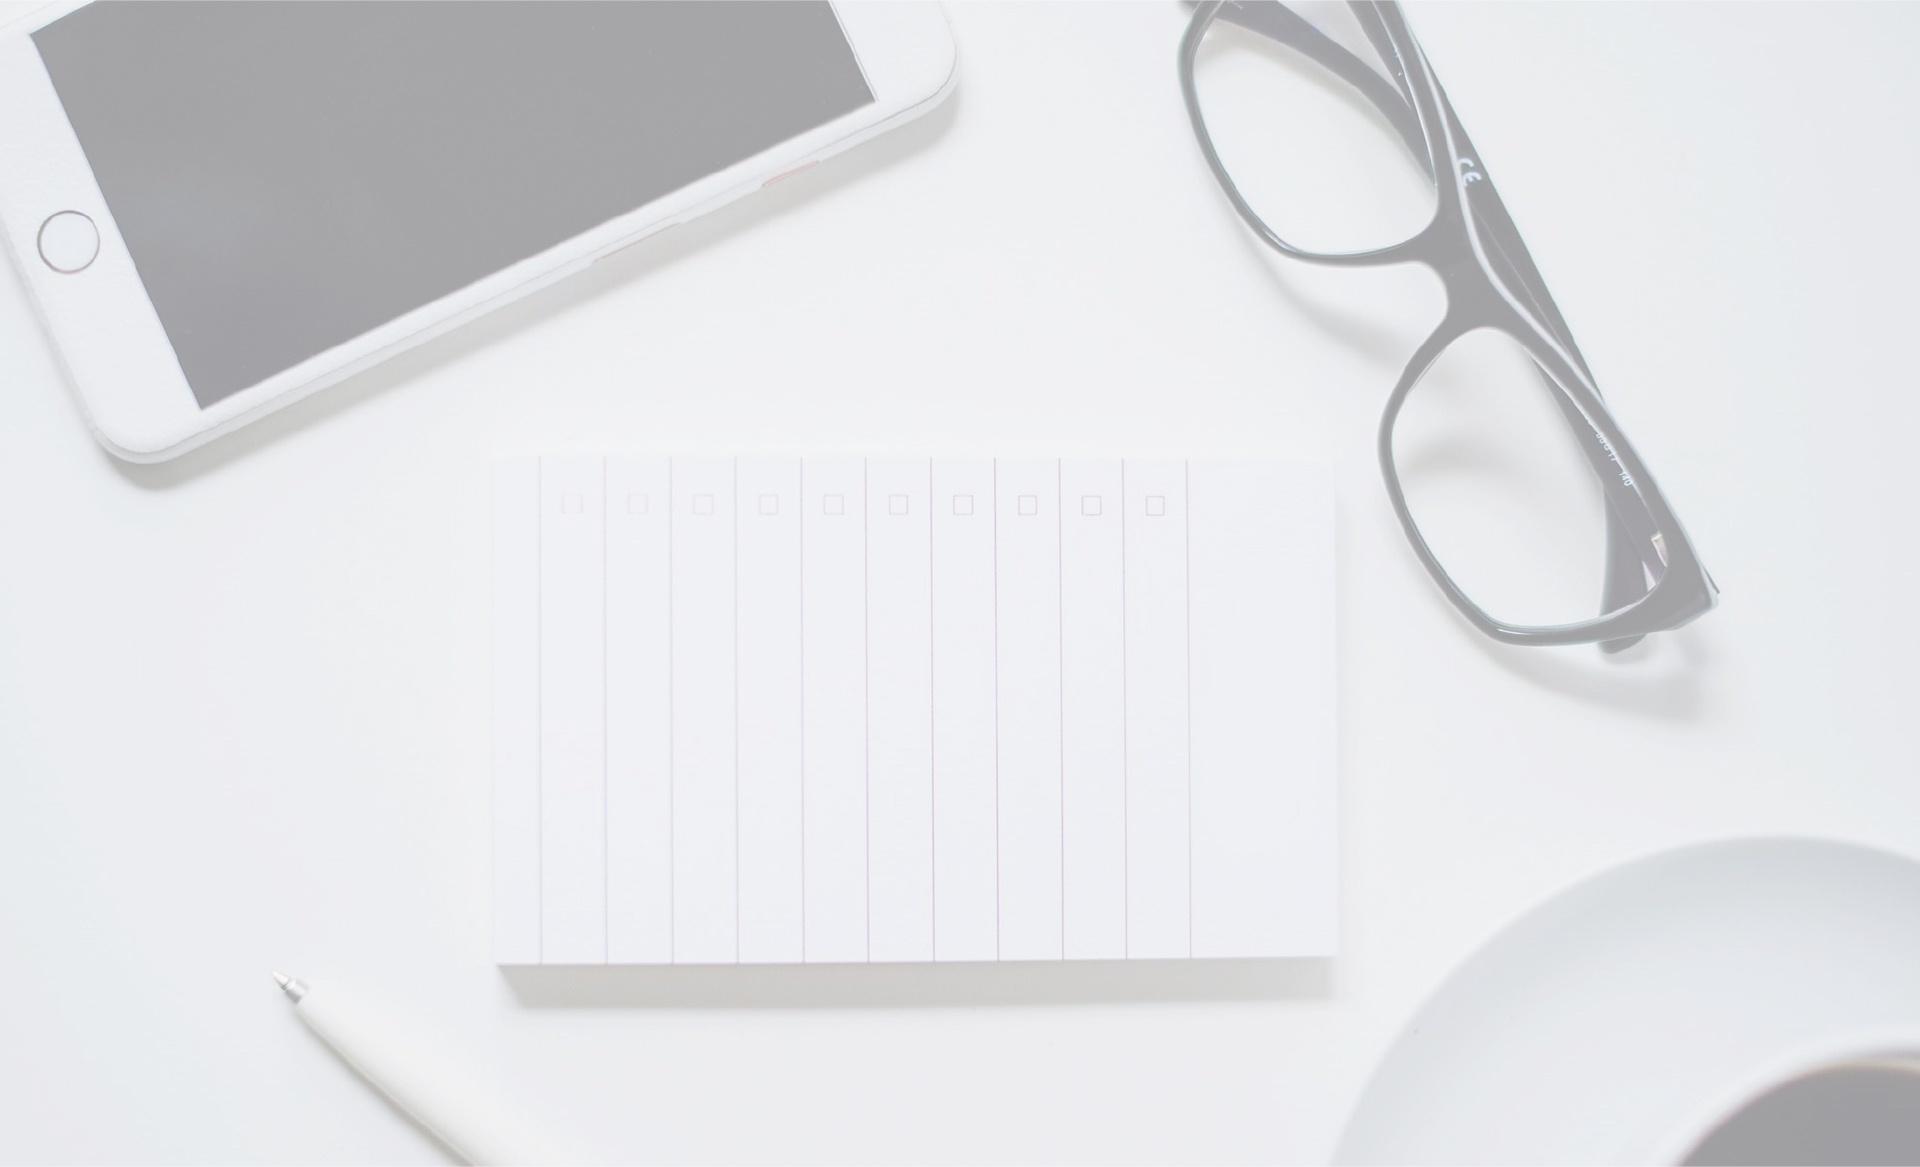 image d'illustration, lunette de vue, smartphone, stylo et carnet de note